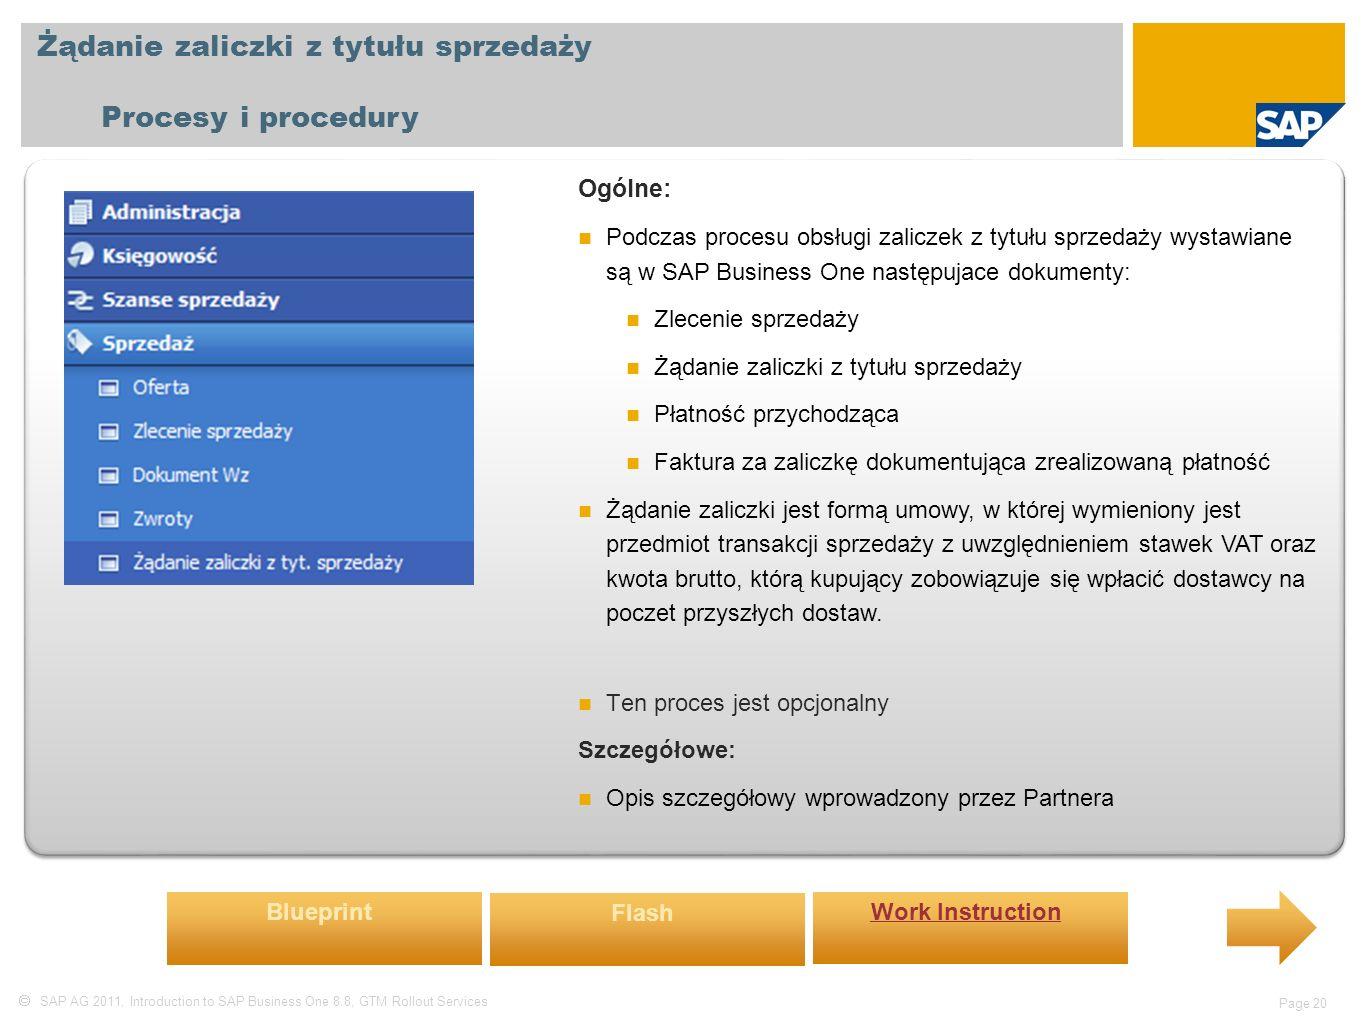  SAP AG 2011, Introduction to SAP Business One 8.8, GTM Rollout Services Page 20 Żądanie zaliczki z tytułu sprzedaży Procesy i procedury Ogólne: Podczas procesu obsługi zaliczek z tytułu sprzedaży wystawiane są w SAP Business One następujace dokumenty: Zlecenie sprzedaży Żądanie zaliczki z tytułu sprzedaży Płatność przychodząca Faktura za zaliczkę dokumentująca zrealizowaną płatność Żądanie zaliczki jest formą umowy, w której wymieniony jest przedmiot transakcji sprzedaży z uwzględnieniem stawek VAT oraz kwota brutto, którą kupujący zobowiązuje się wpłacić dostawcy na poczet przyszłych dostaw.